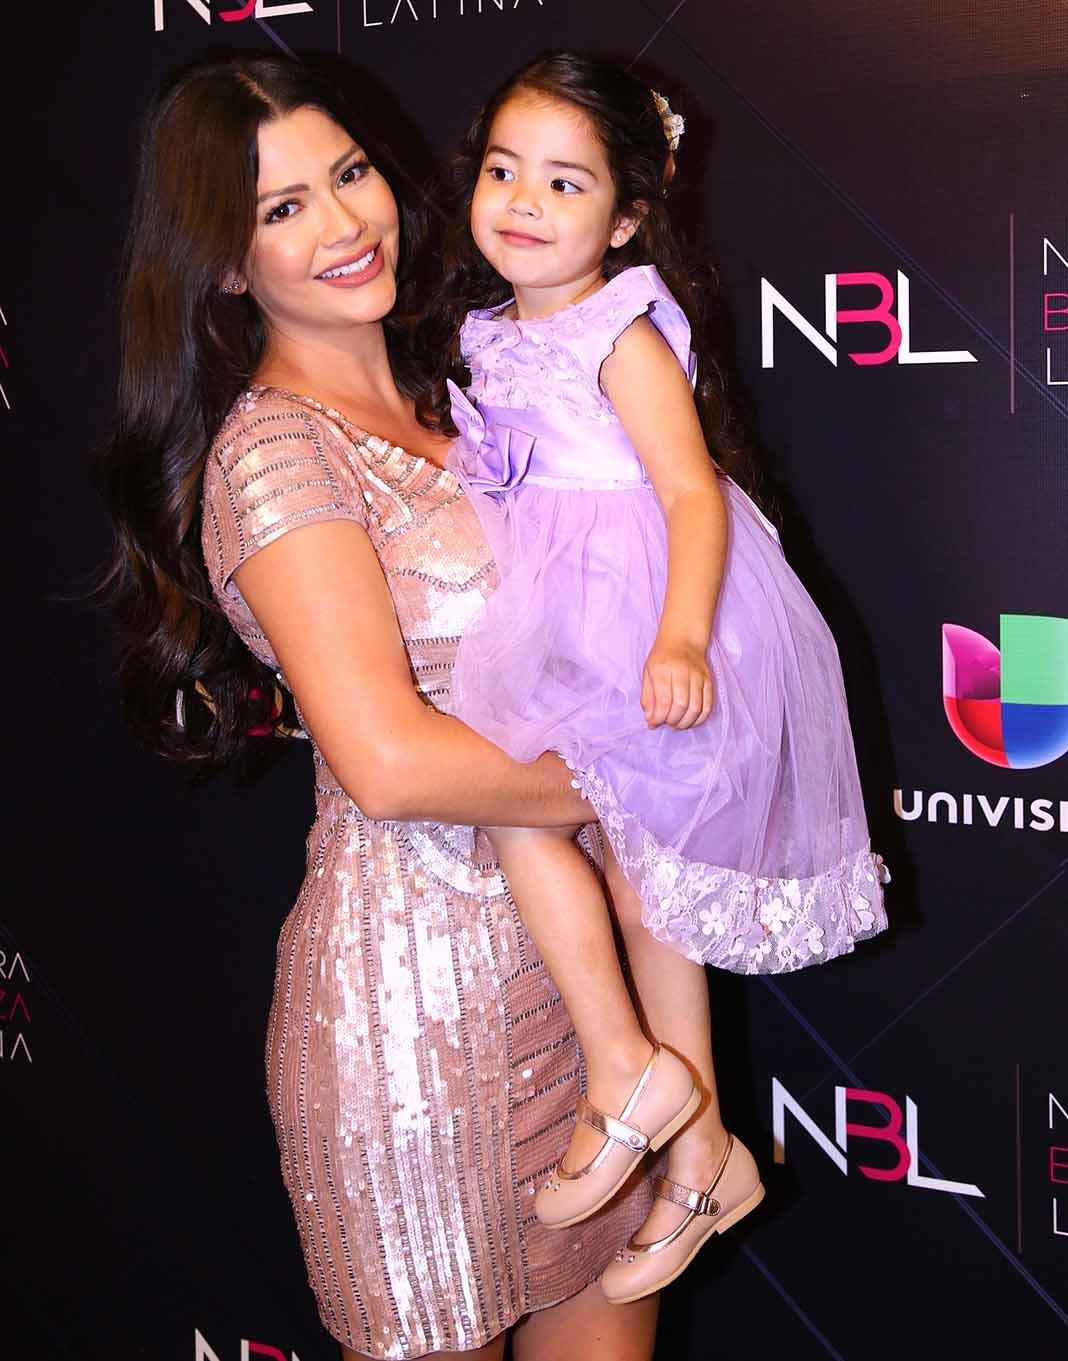 """Ana Patricia piensa compartir compartirá con su hija Giulietta las bases para que encuentre el """"amor verdadero"""" cuando sea grande. Foto: Mezcalent"""